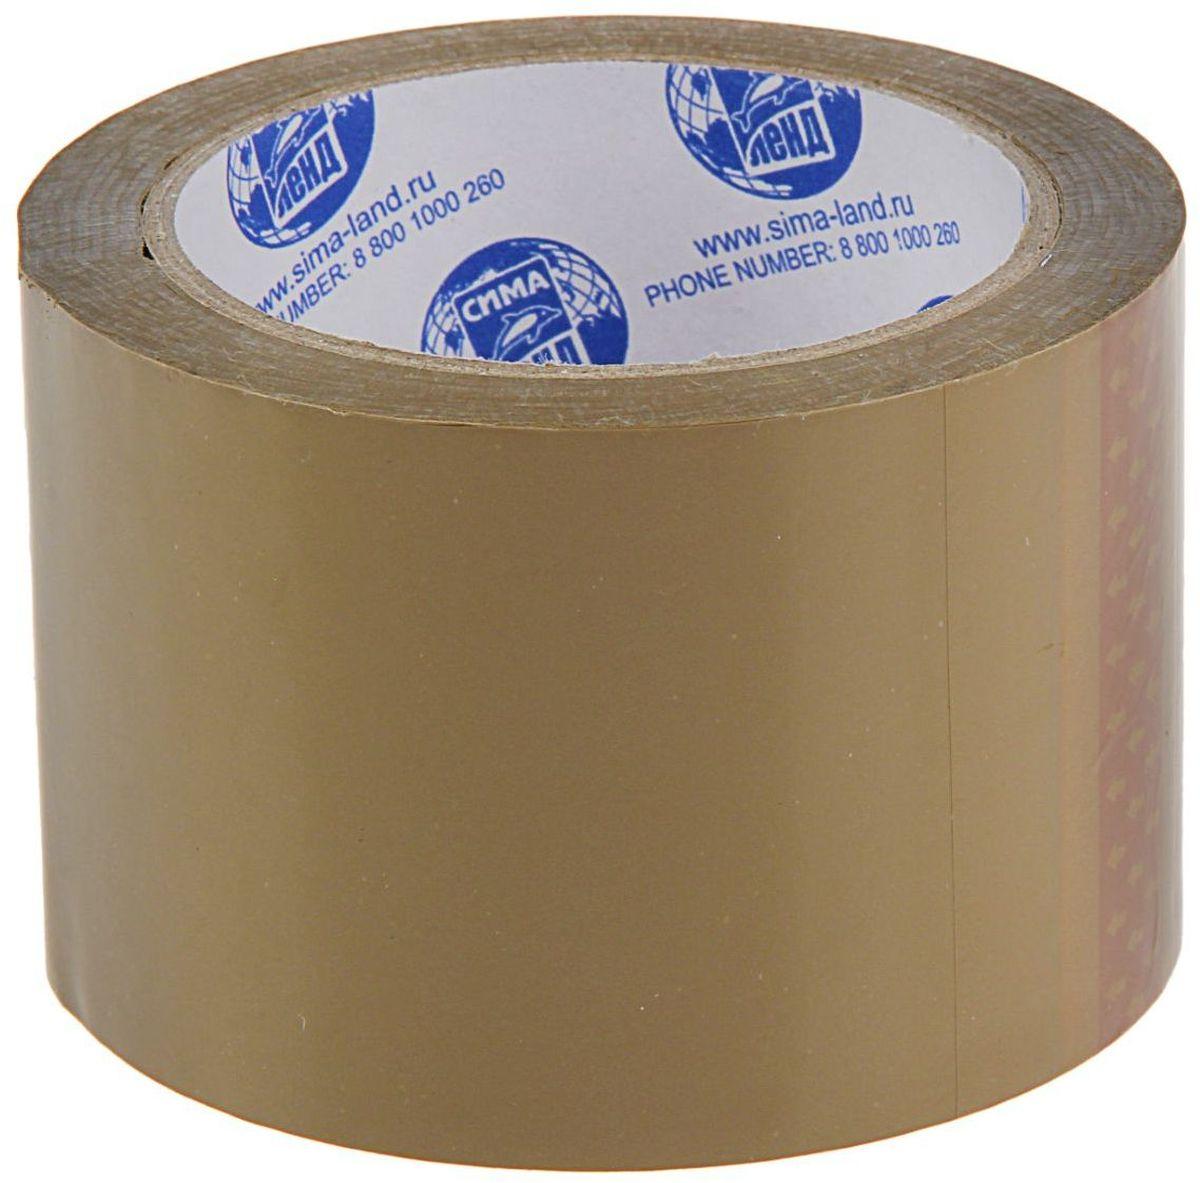 Клейкая лента 72 мм х 66 м цвет коричневый 1268214FS-00103Упаковочная клейкая лента изготовлена из двуосноориентированного полипропилена (ВОРР) высокой прочности с нанесением клеевого слоя с одной стороны ленты.Она универсальна и используется, в основном, для заклейки гофрокоробов, оклеивания различных грузов, обернутых в стрейч-пленку или в полиэтиленовую пленку.Не следует клеить ленту непосредственно на неупакованную продукцию, так как следы клея плохо отмываются.